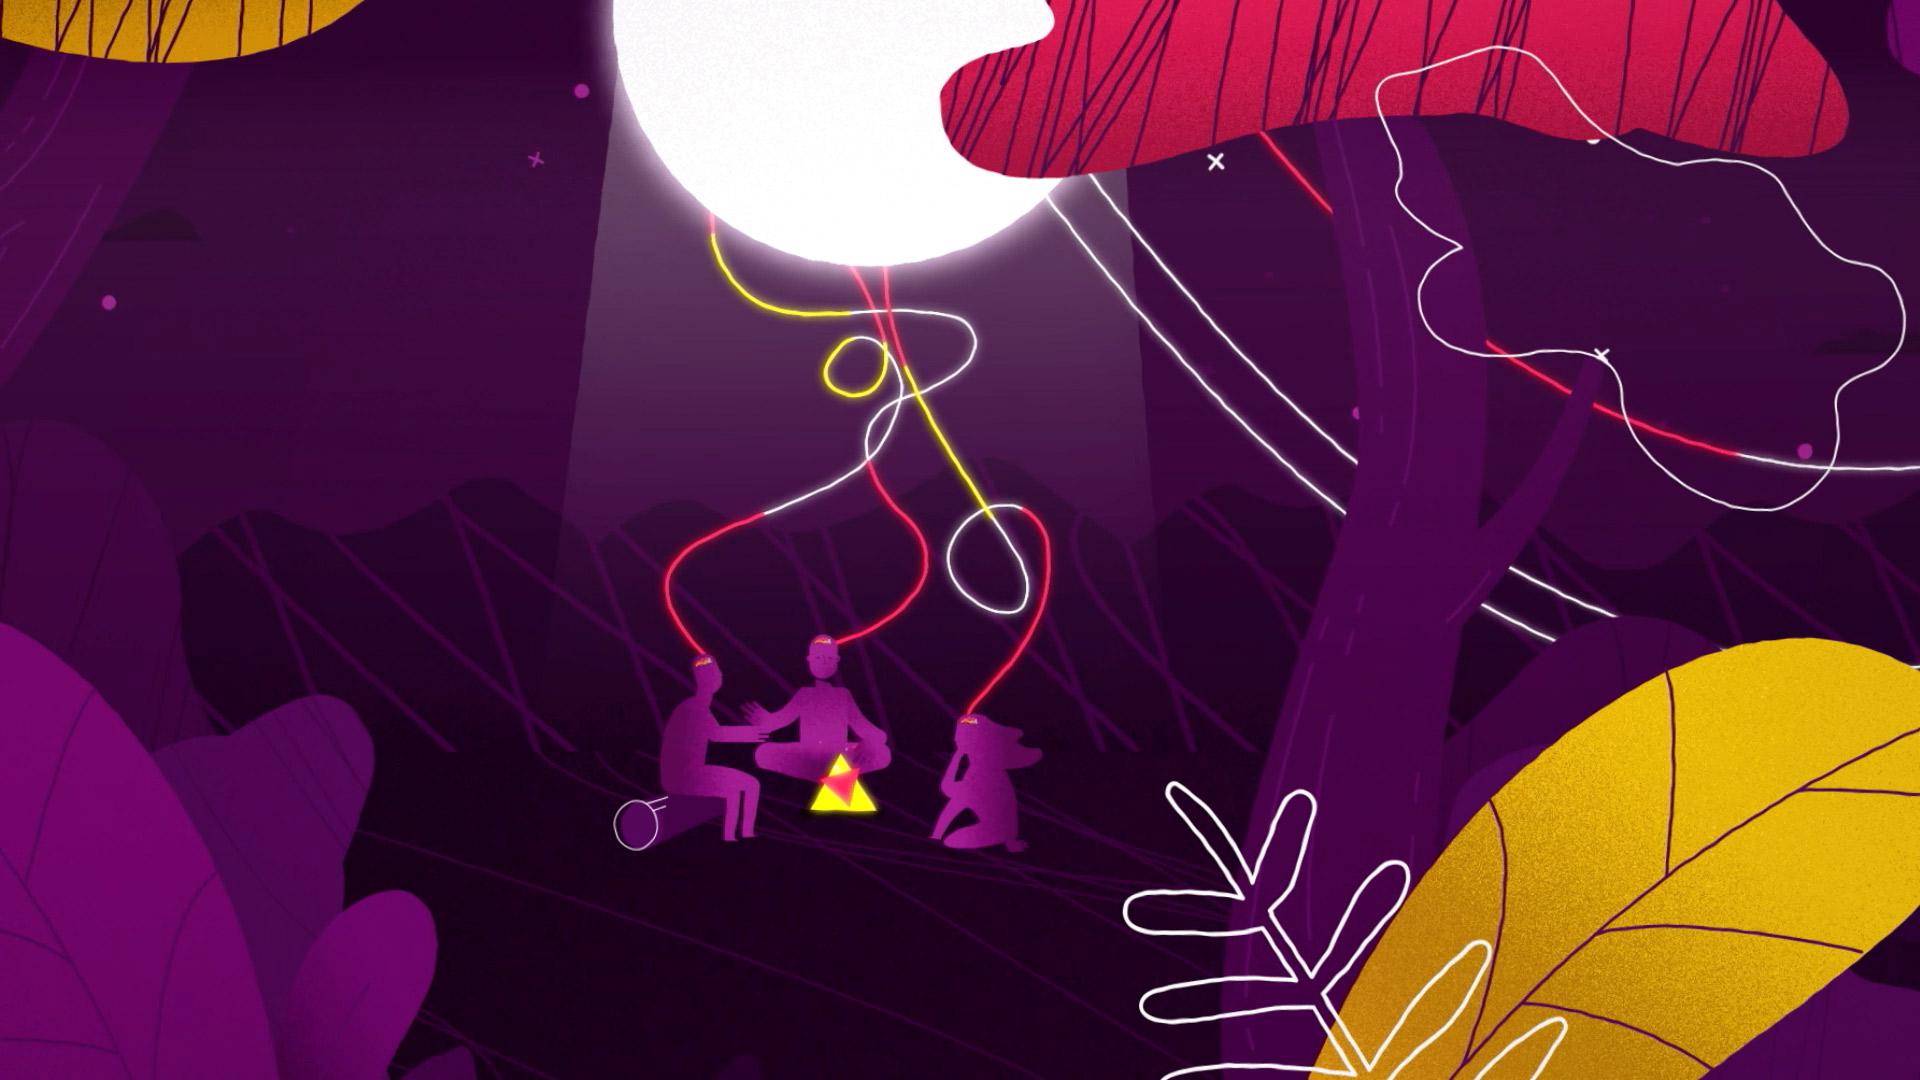 Politecnico di Torino - Festival della Tecnologia - Motion Graphics - 2D Animation - Milano